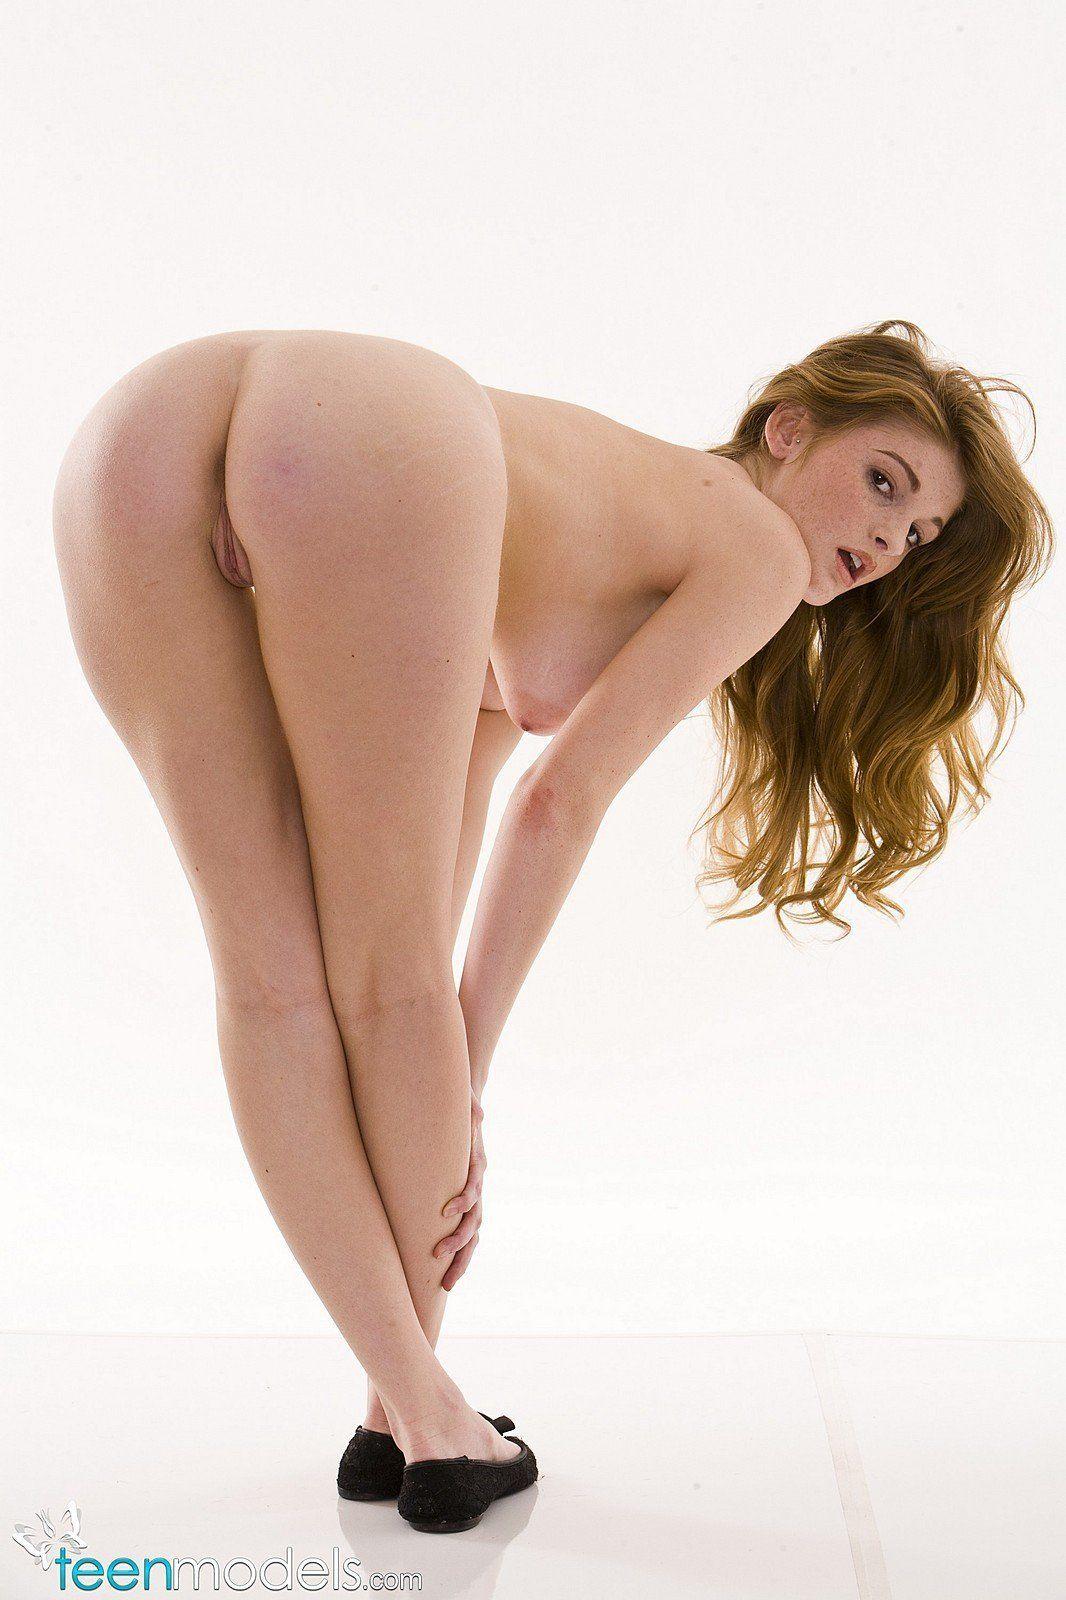 Jet S. reccomend Clip pretty redhead undressed